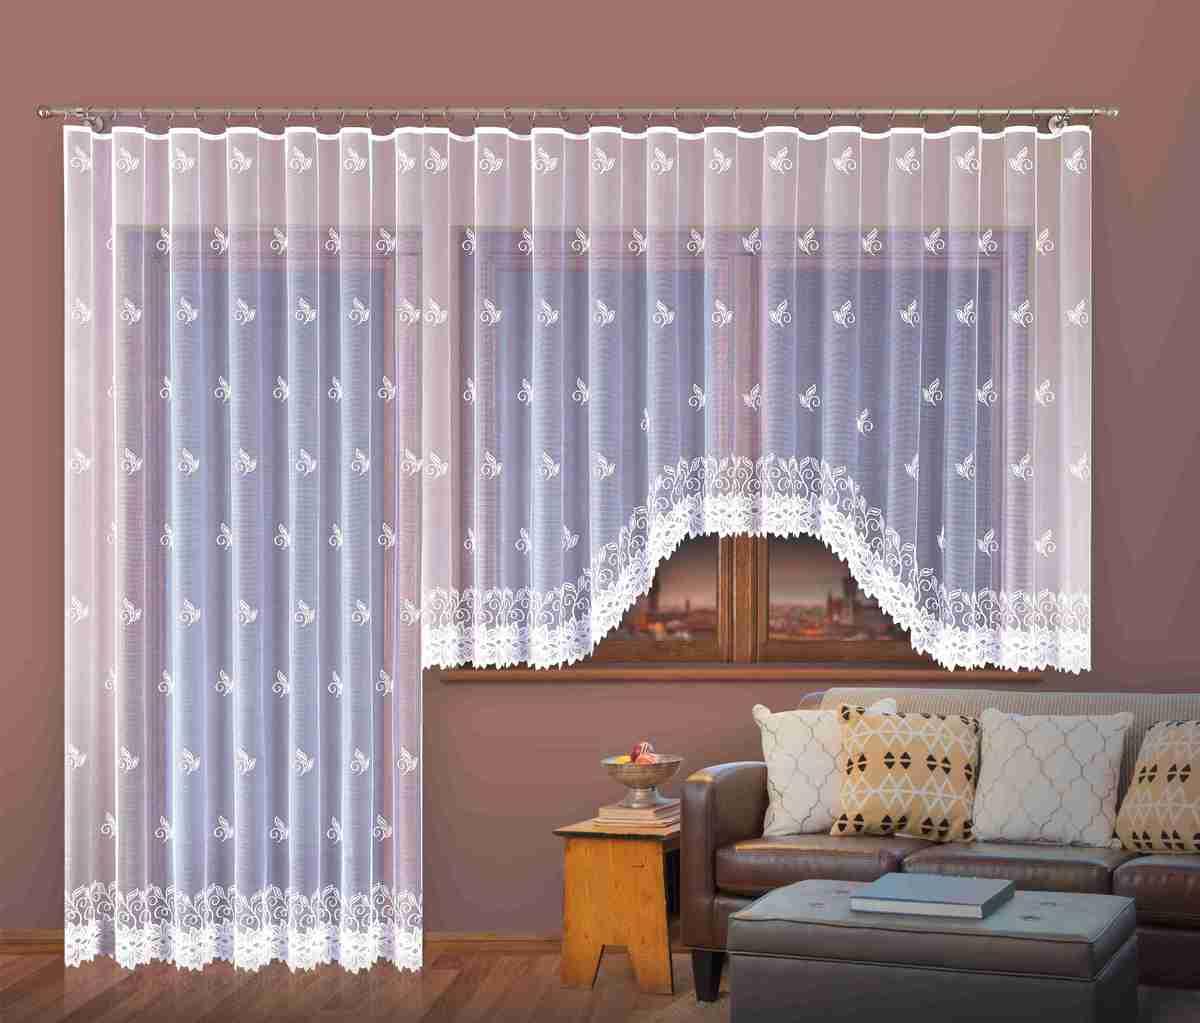 Forbyt, Hotová záclona nebo balkonový komplet, Liliana, bílá 200 x 250 cm